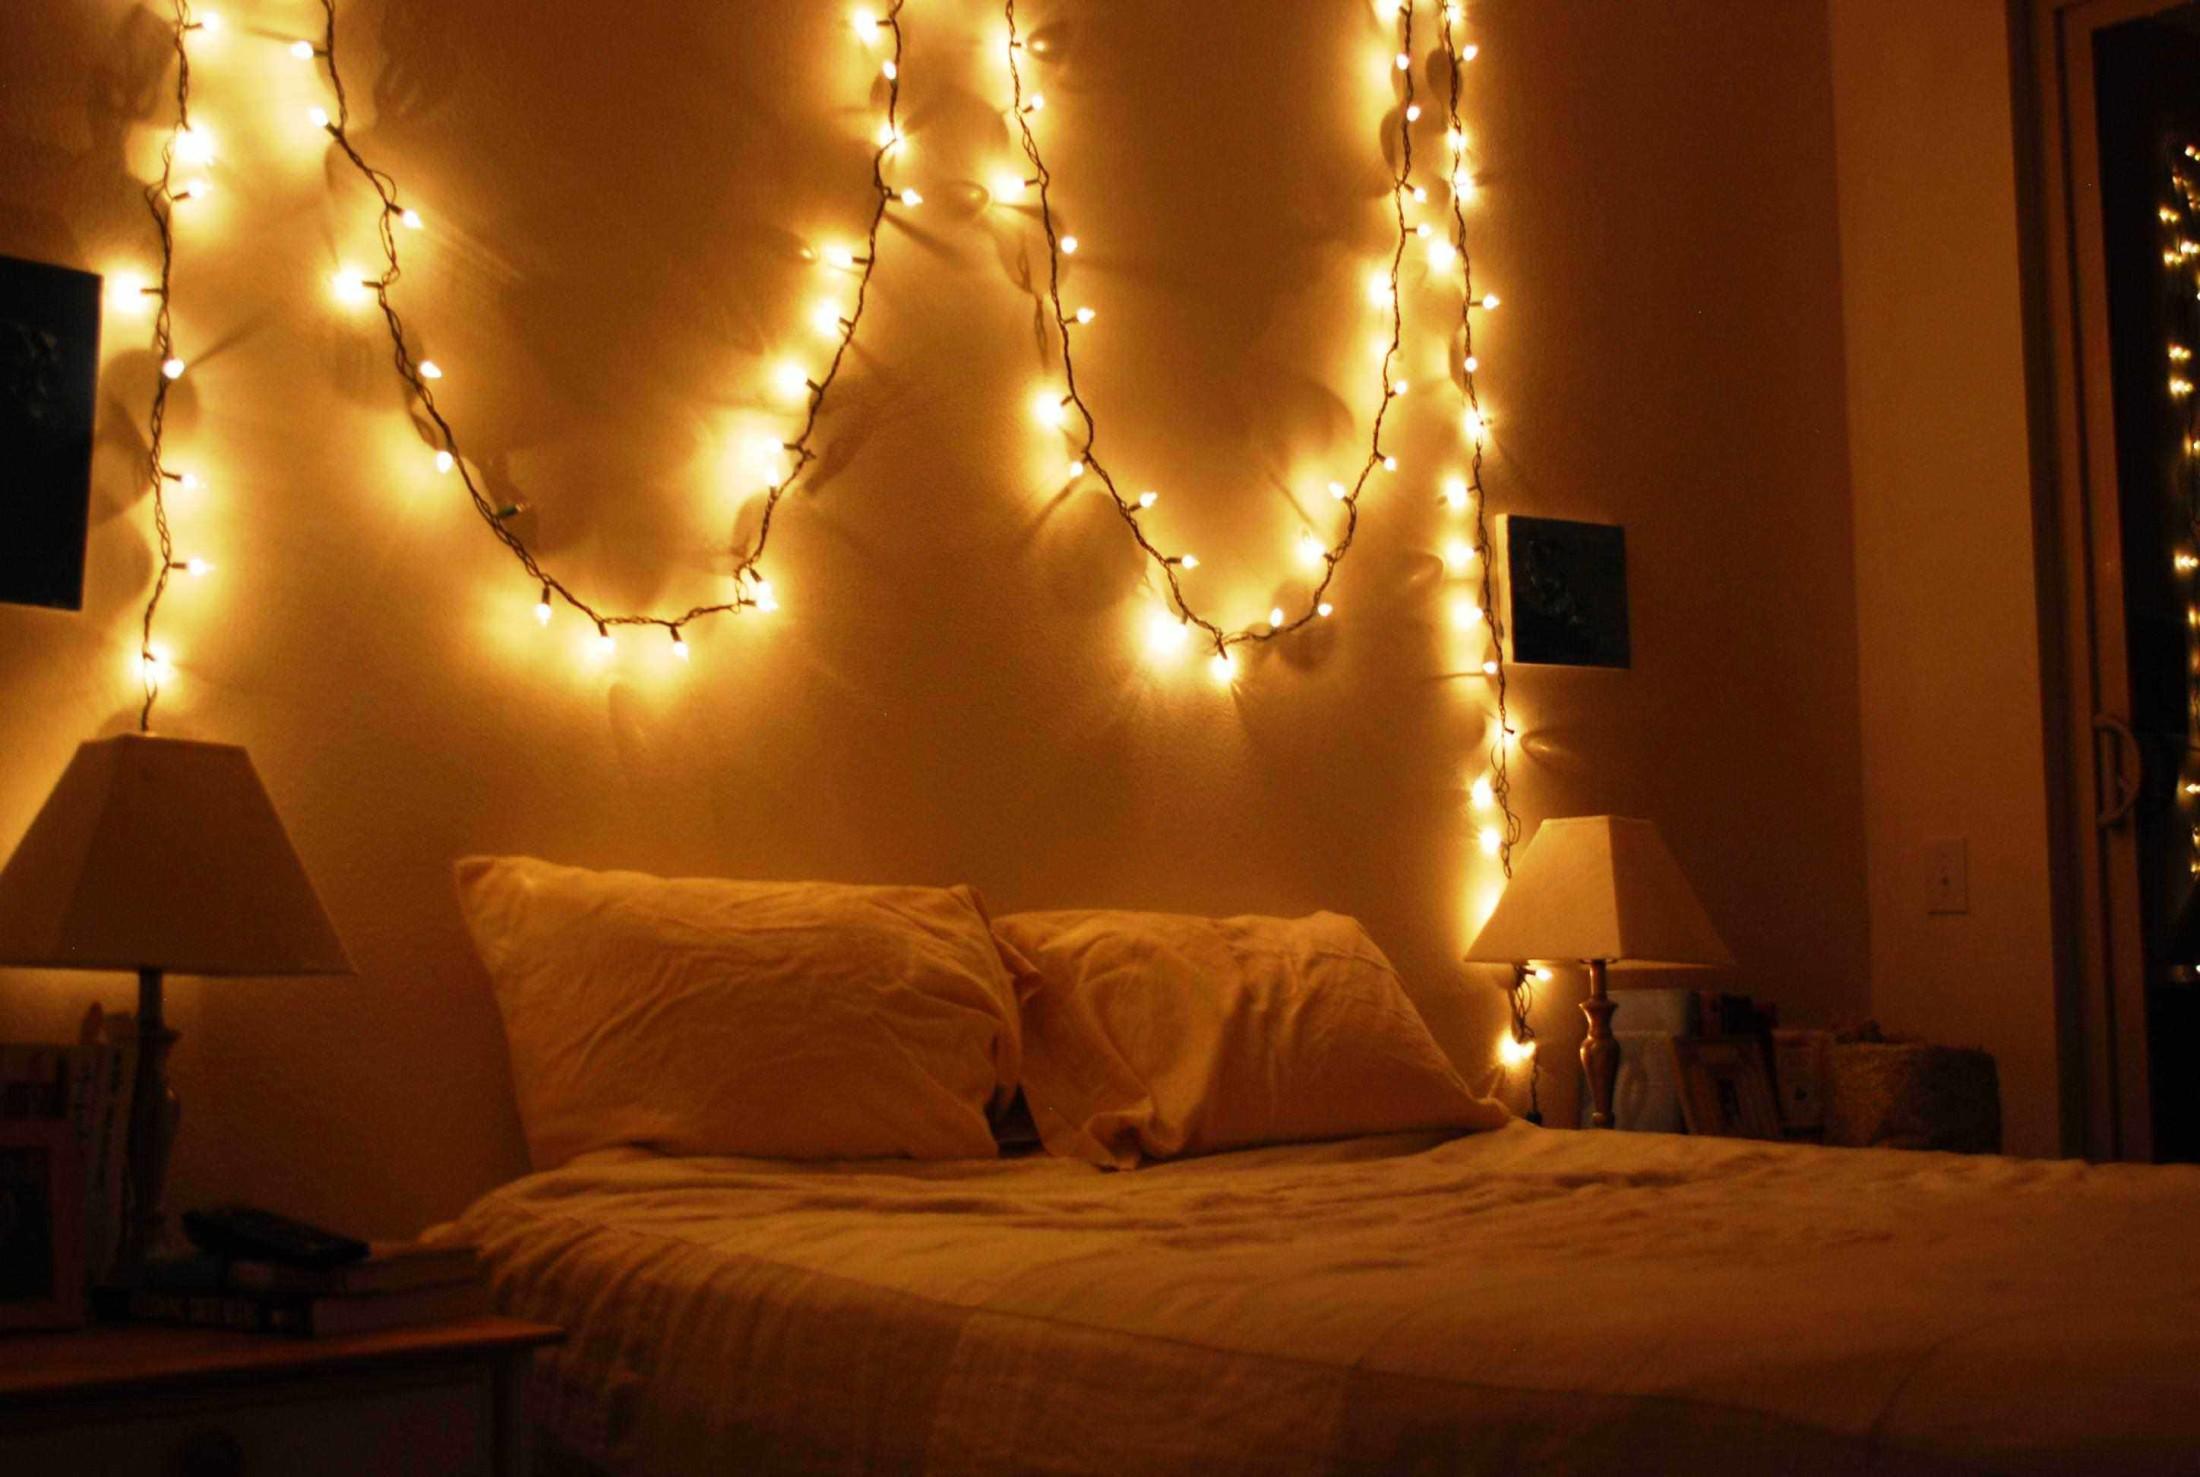 Manfaatkan lampu sebagai dekorasi untuk mengatur mood di dalam kamar (Sumber: kaodim.sg)